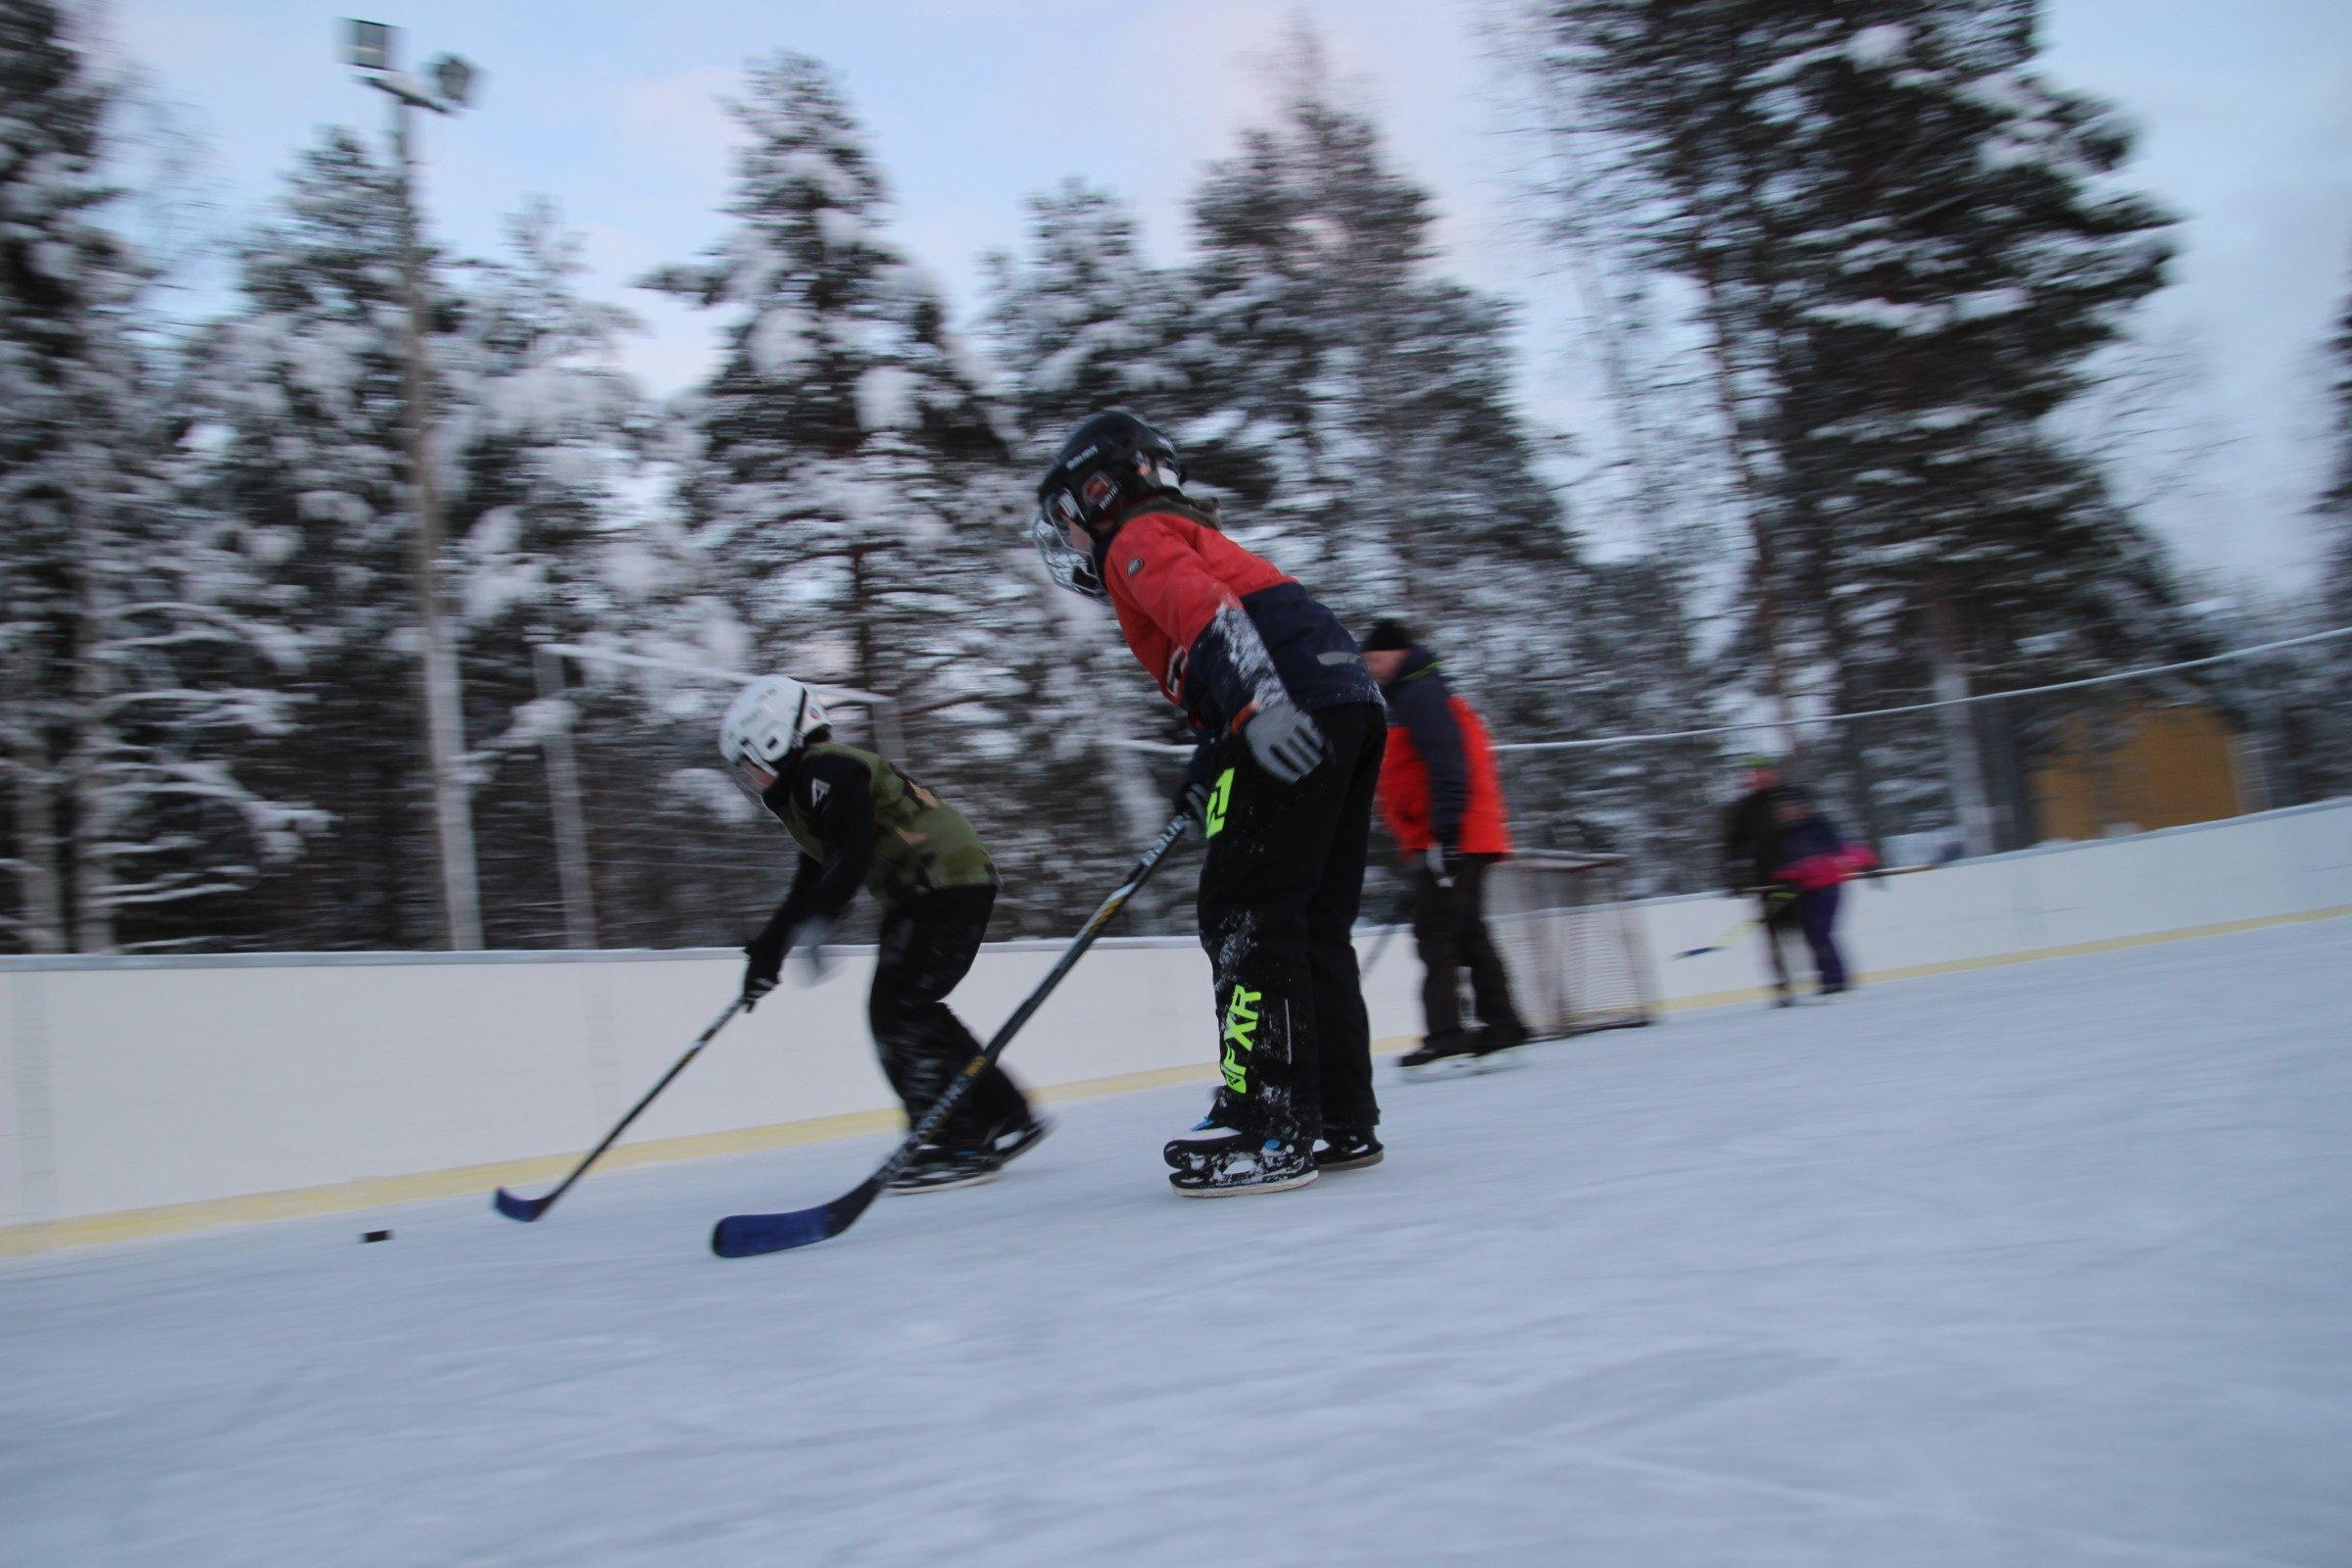 Jääkiekkoa tammikuisena sunnuntaina Nivankylässä (c) Piia Juntunen-Laakso 2021